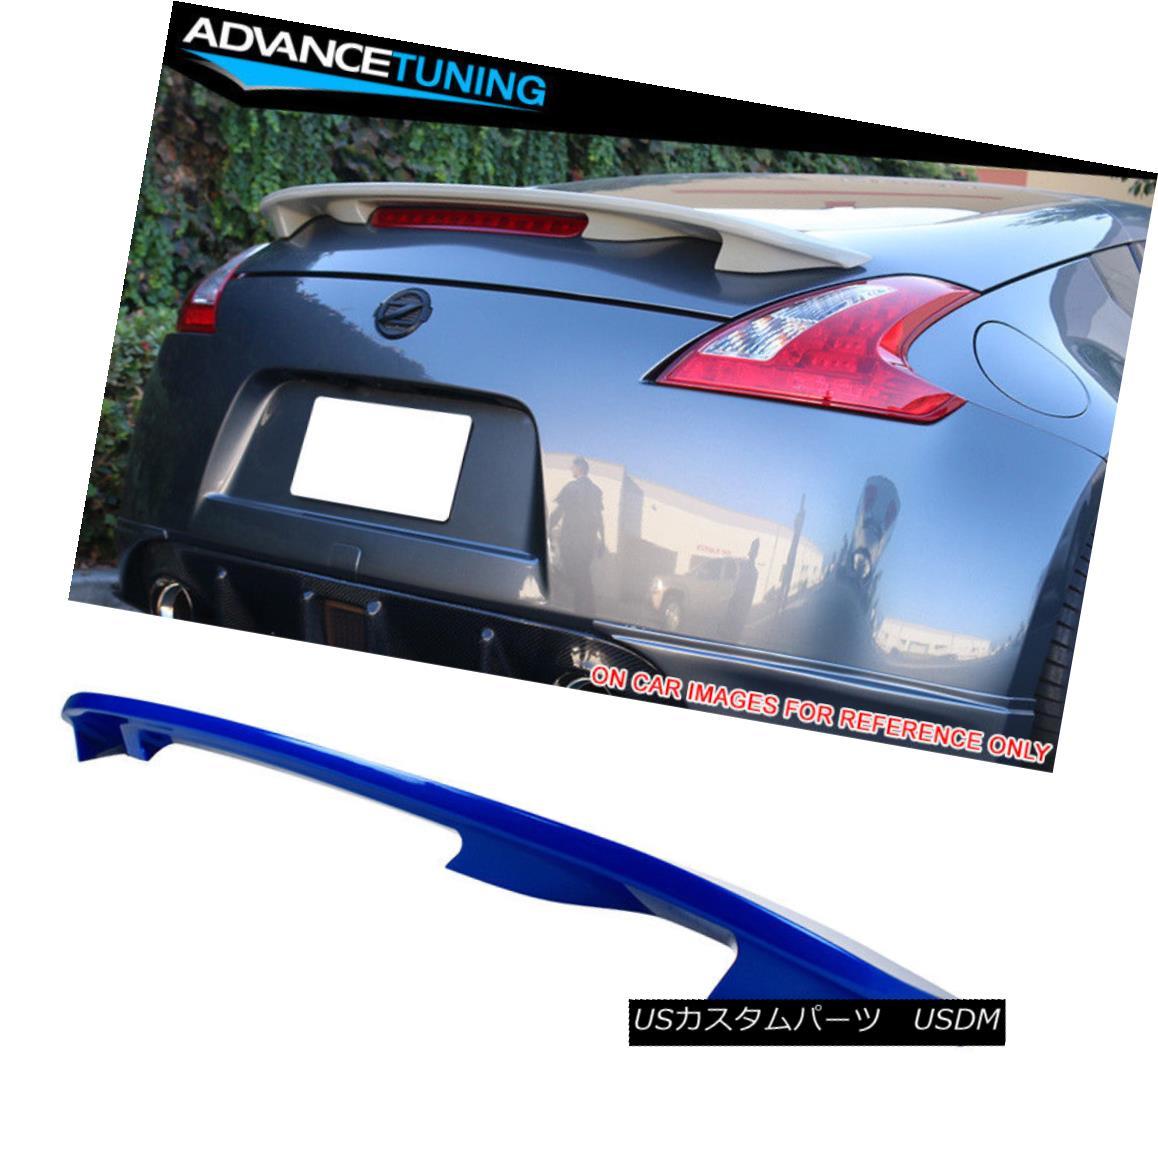 エアロパーツ For 09-18 Nissan 370Z Z34 OE Trunk Spoiler Painted #RAE Monterey Blue Pearl 09-18日産370Z Z34 OEトランク・スポイラー・ペイント#RAE Monterey Blue Pearl